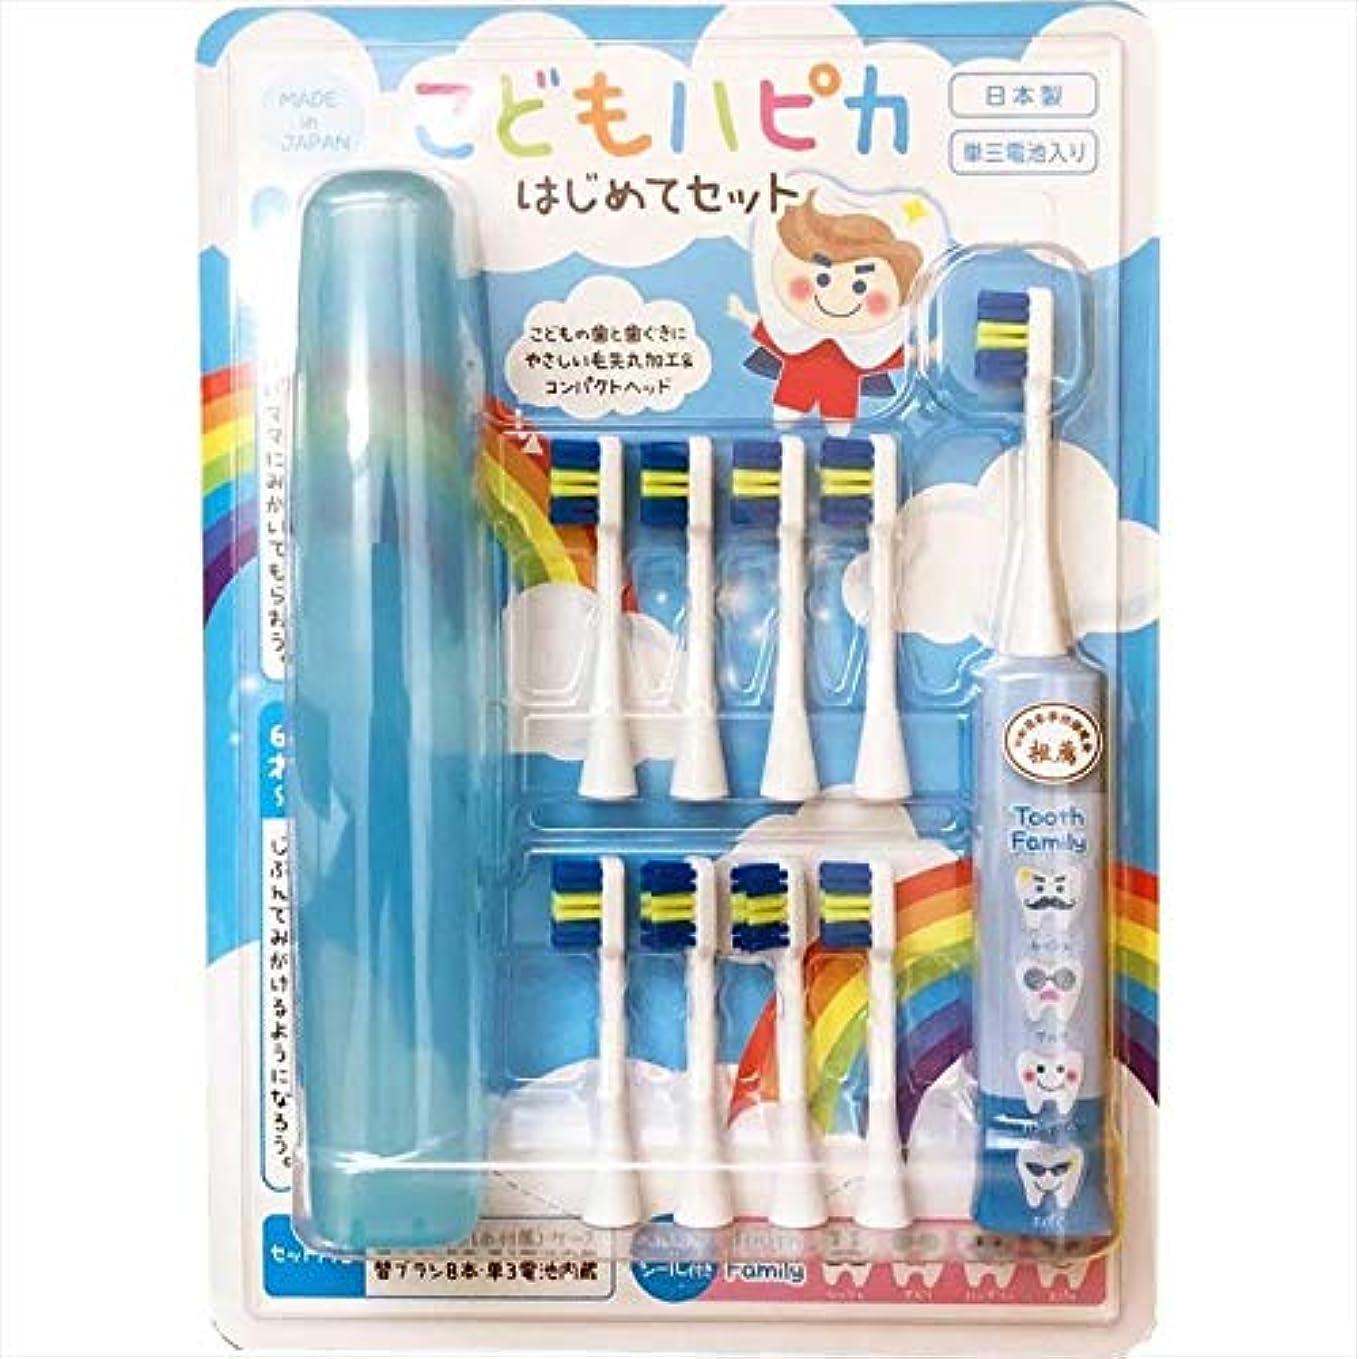 月面カレンダー確かめるこどもハピカセット ブルー 子供用電動歯ブラシ